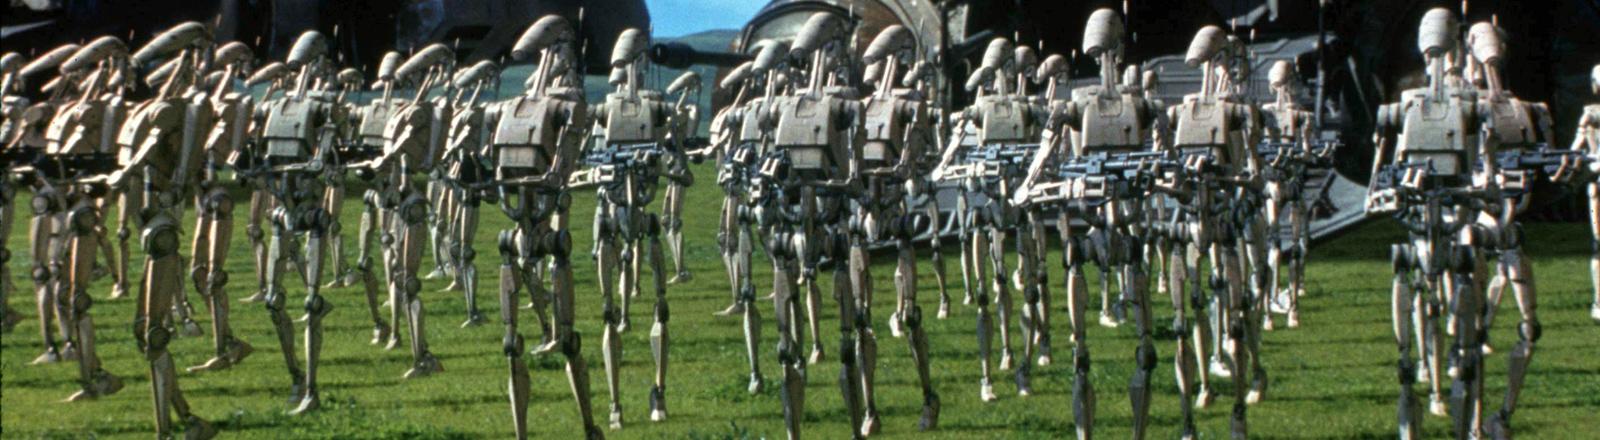 """Eine Roboterarmee tritt in dieser Filmszene aus dem neuen Science Fiction-Spektakel """"Star Wars-Episode I - The Phantom Menace"""" des Regisseurs George Lucas auf."""